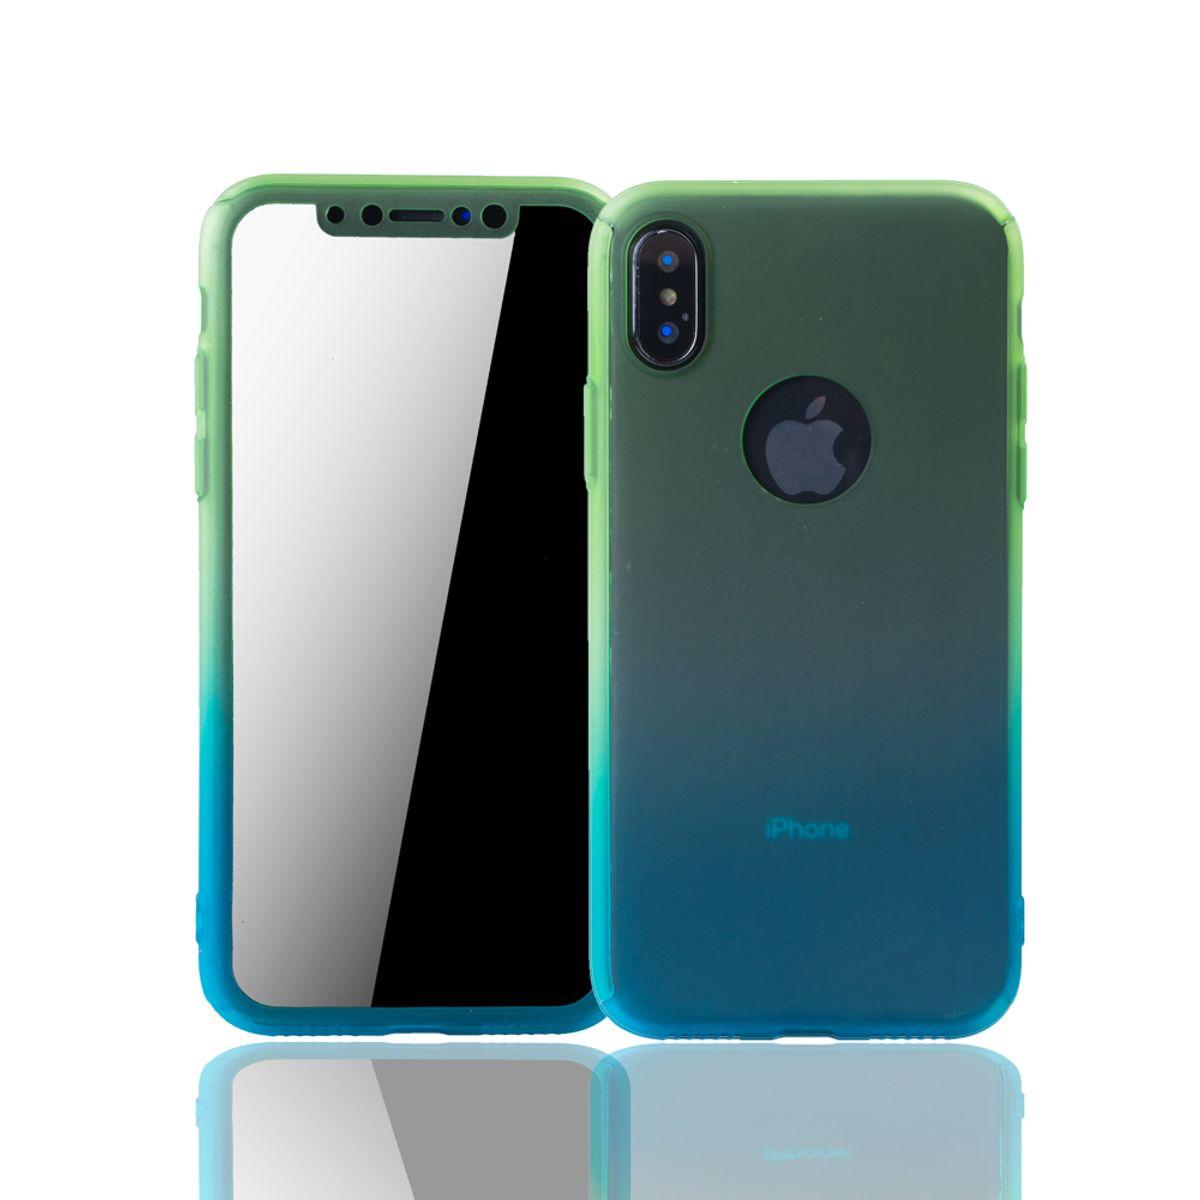 Apple iPhone XS Handy Hülle Schutz-Case Full-Cover Panzer Schutz Glas Grün / Blau